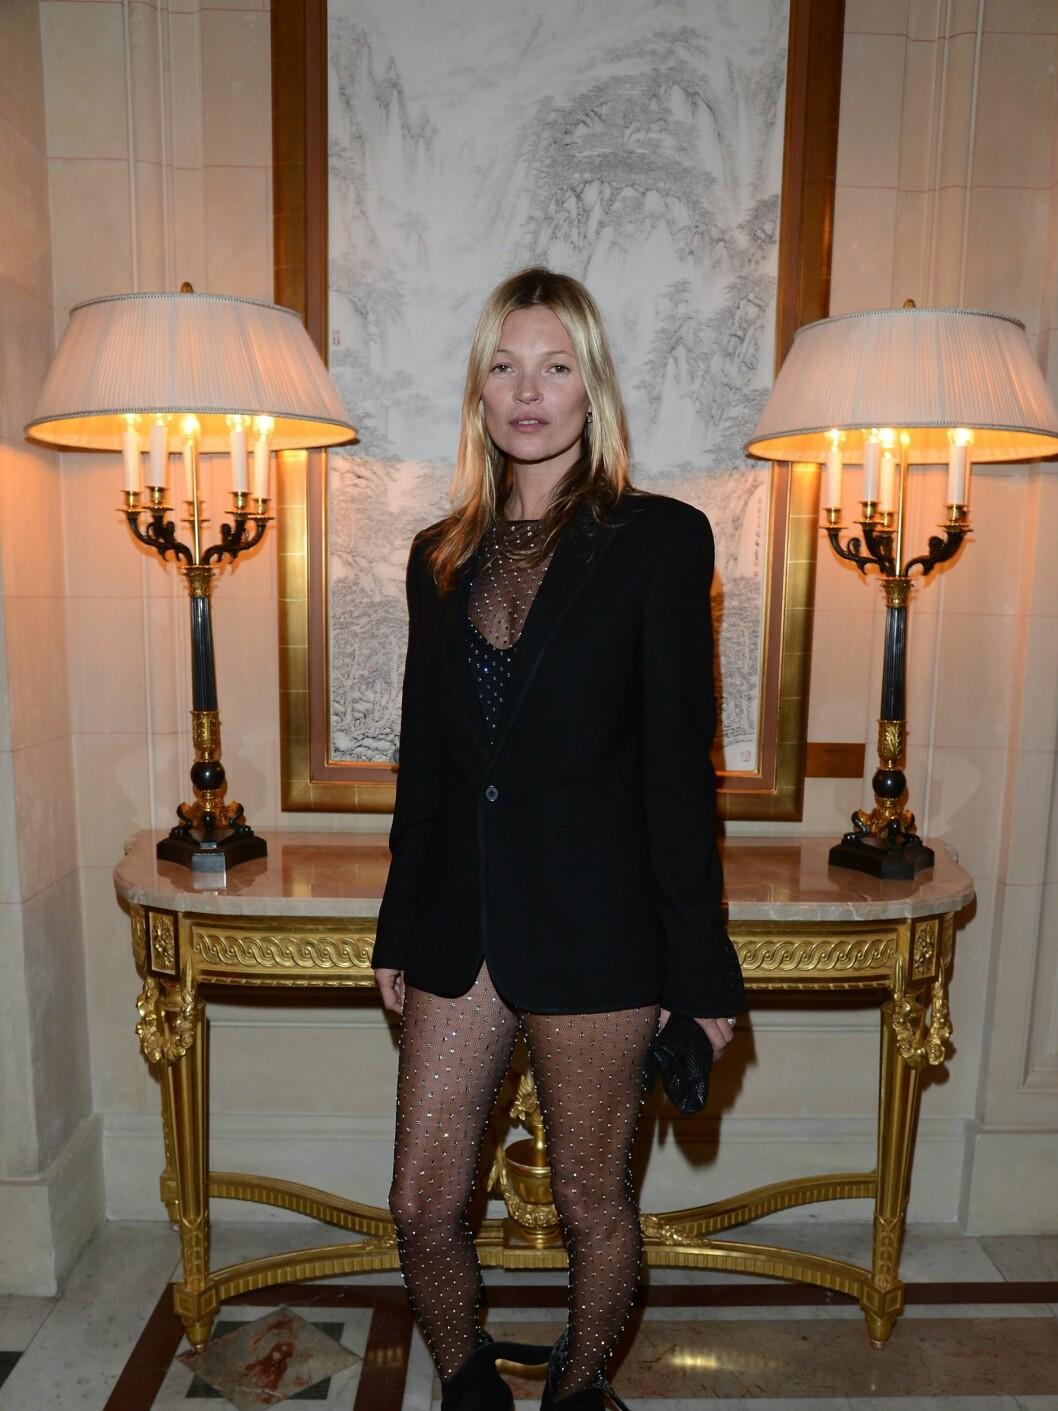 <strong>FLOTT:</strong> Supermodell Kate Moss dukket opp i kun strømpebukse, og fikk naturlig nok mye oppmerksomhet for det.  Foto: All Over Press